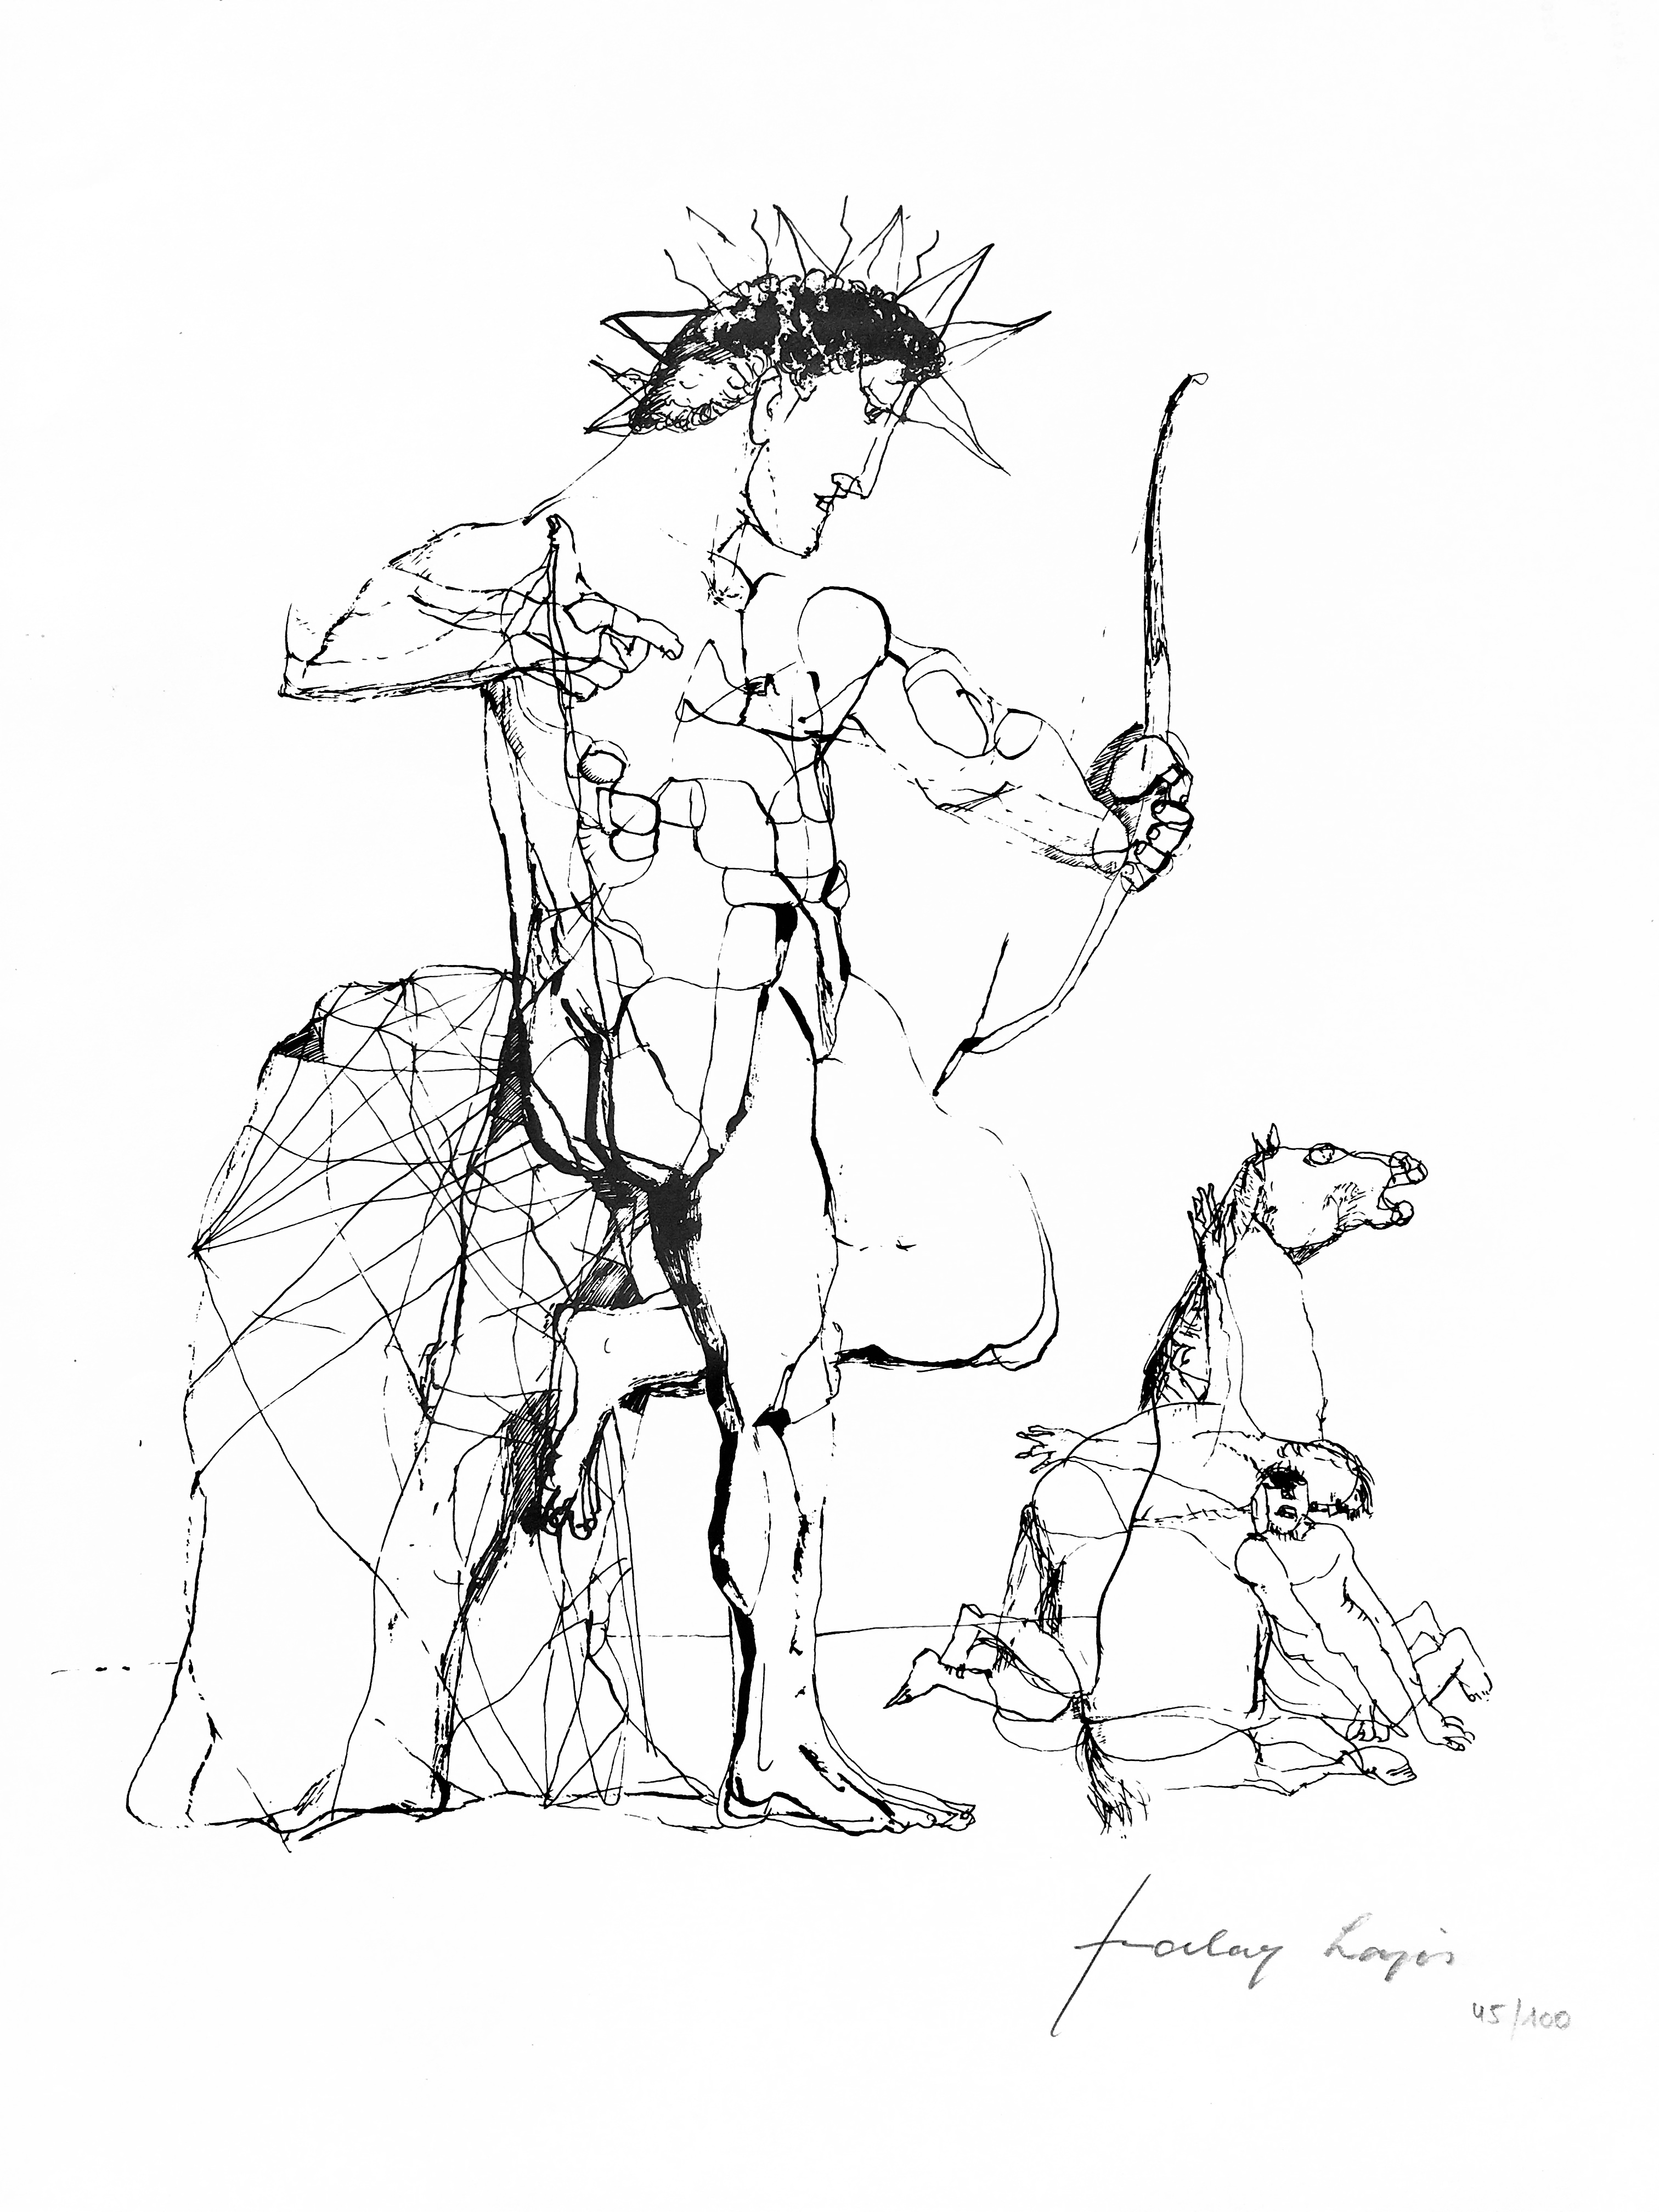 Szalay, Lajos: Apollo